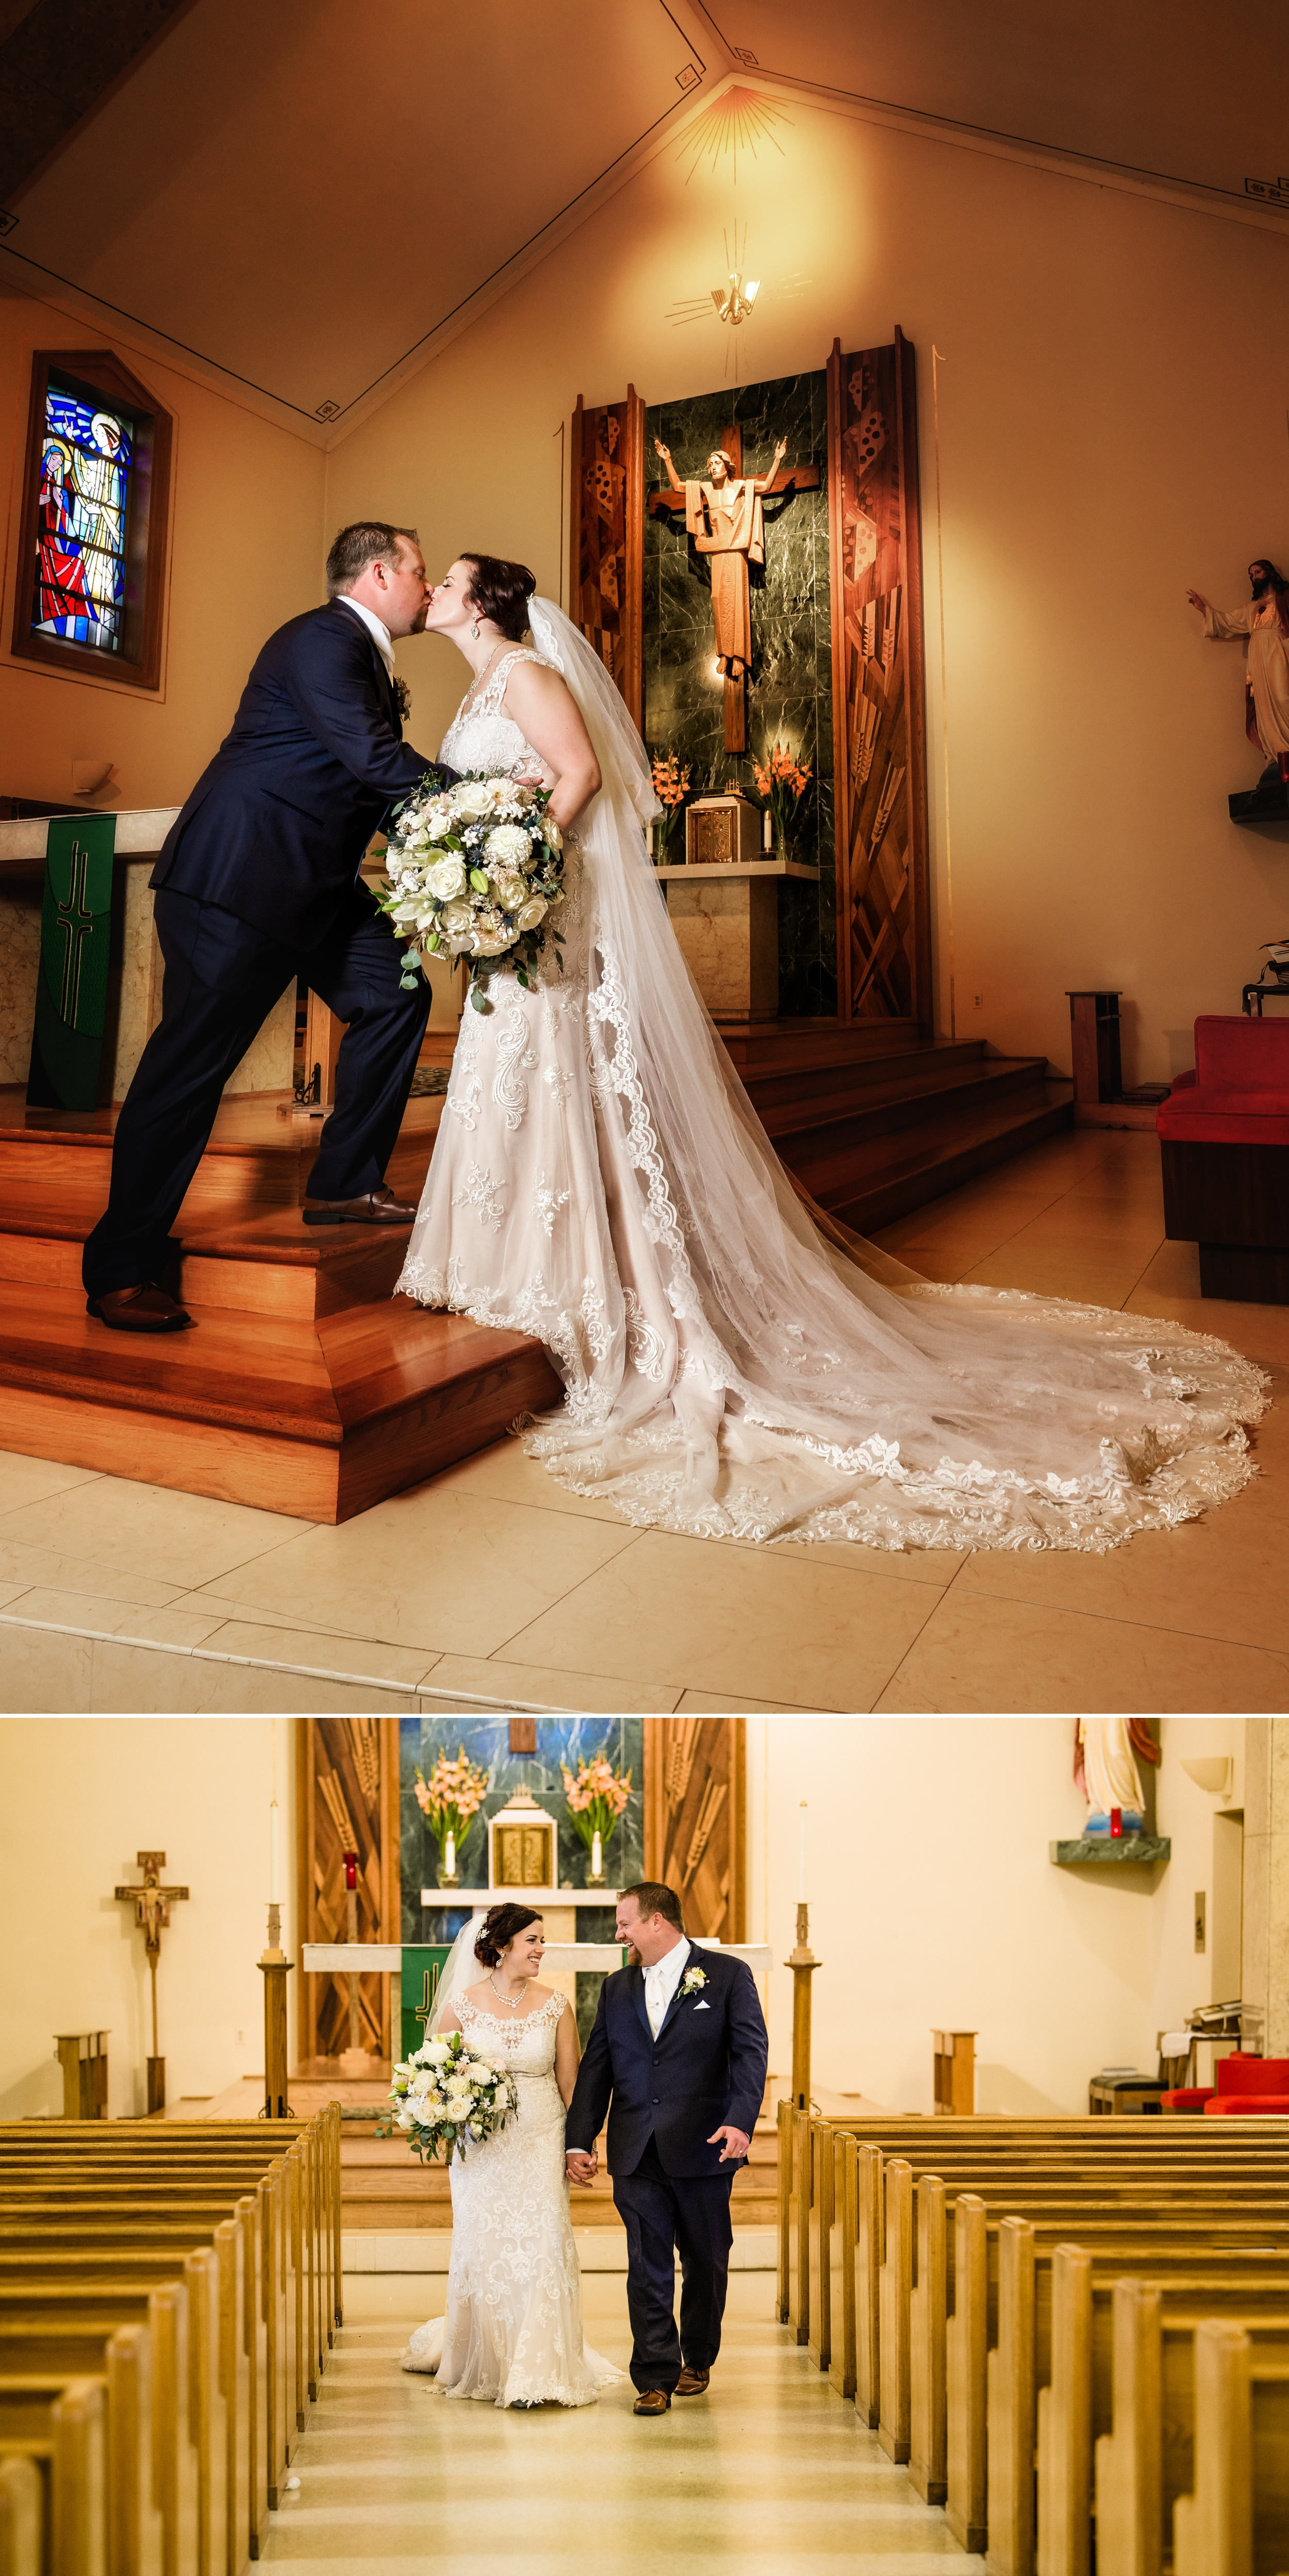 Wedding photos inside Saint Mary Church in Griffith.